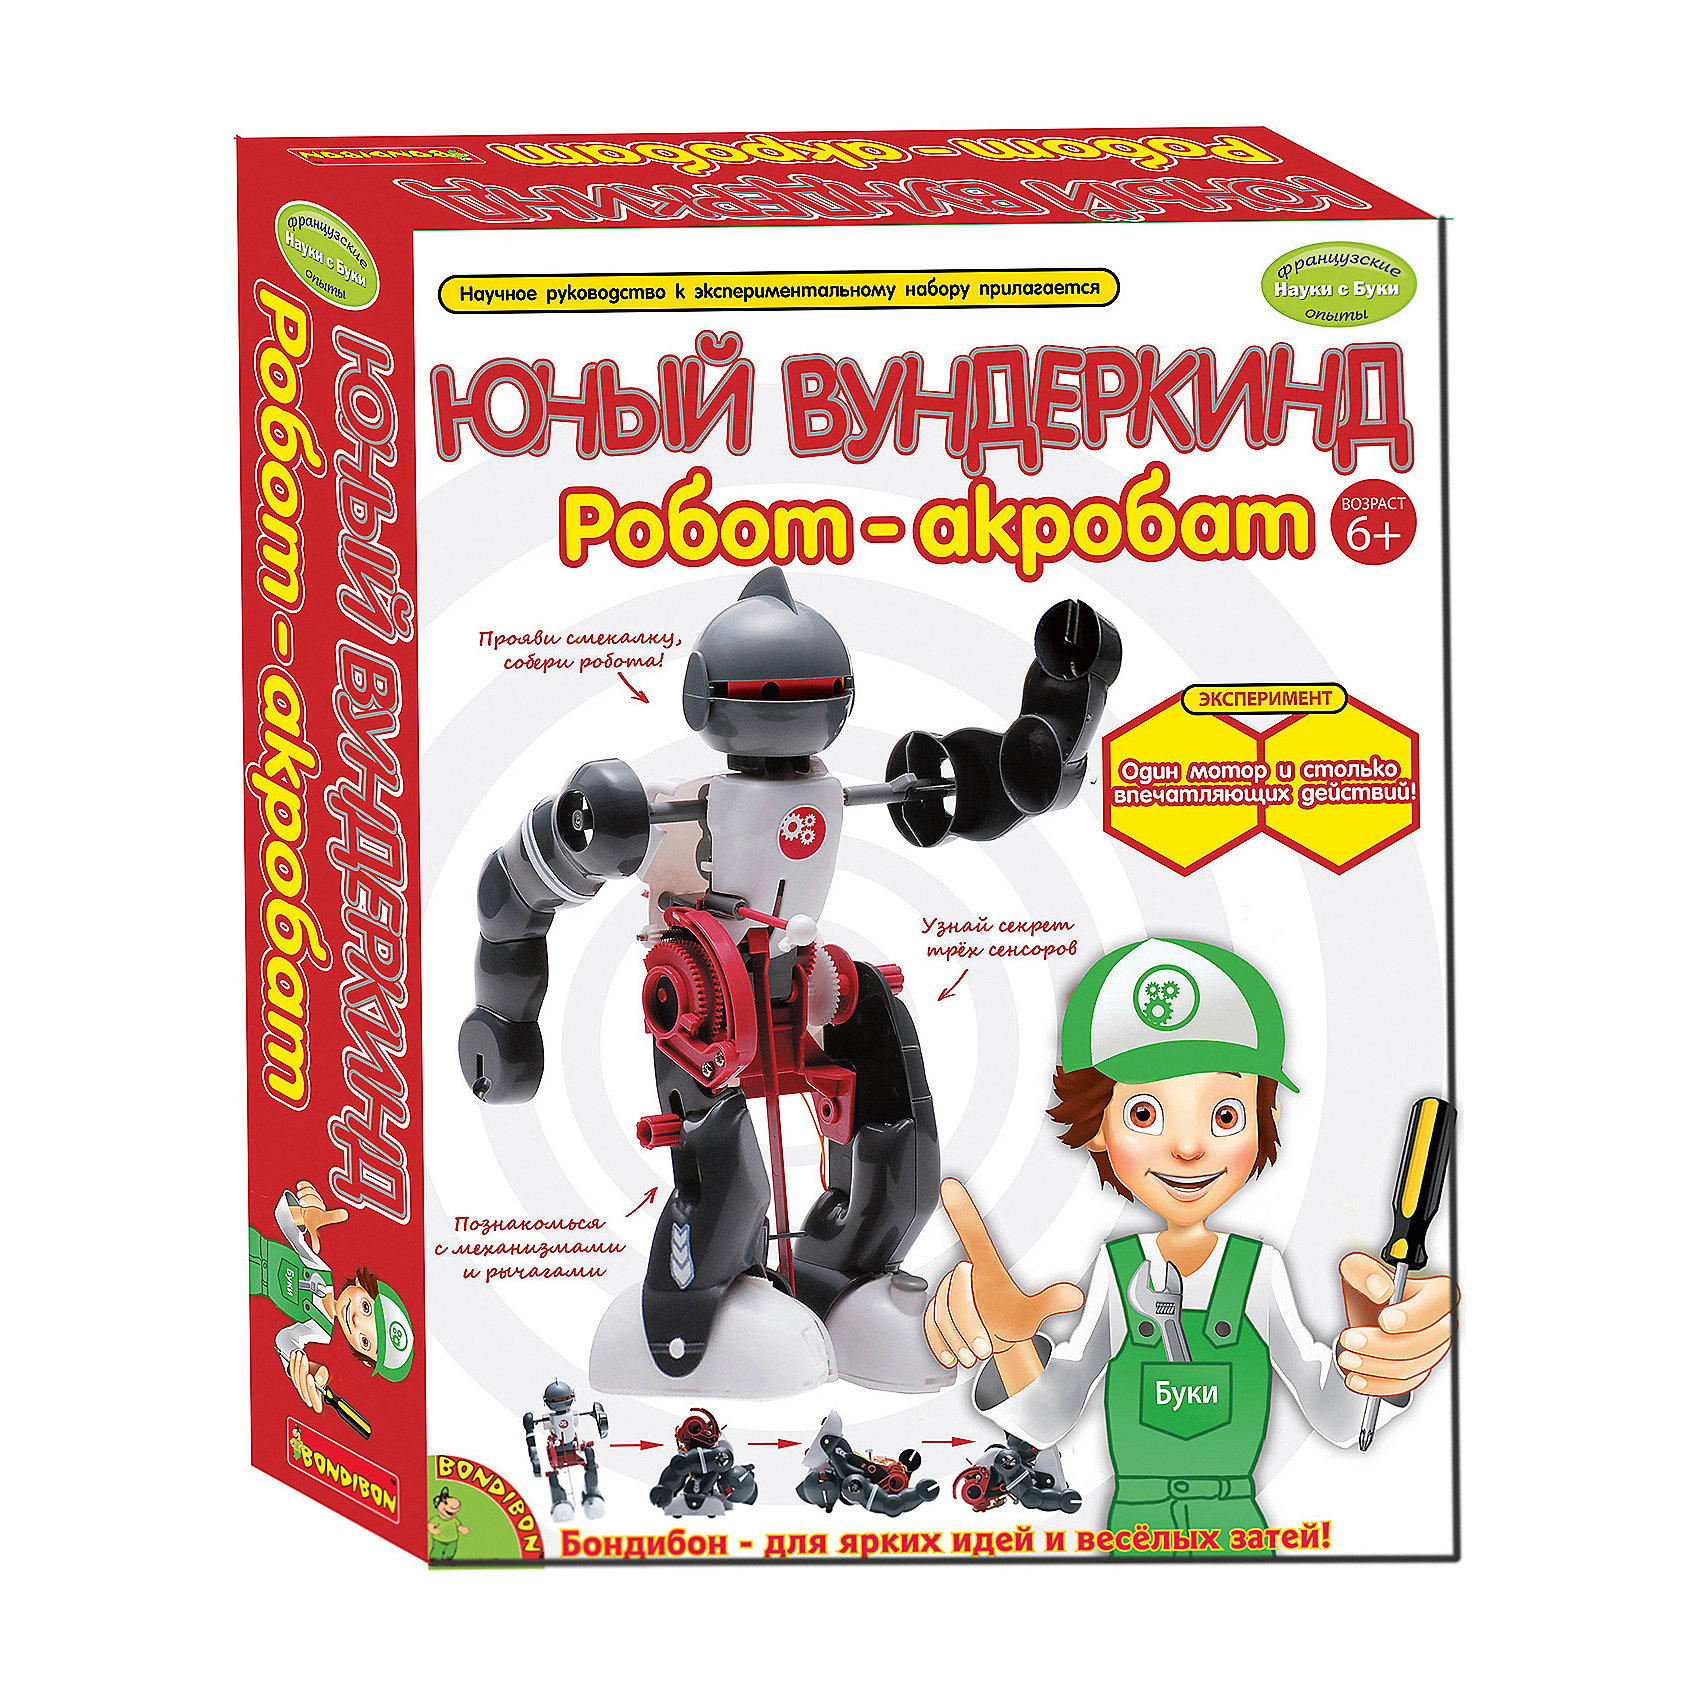 Французские опыты Робот-акробатФранцузские опыты Робот-акробат от известного производителя интересных опытов и экспериментов для детей Bondibon (Бондибон). На этот раз детям предлагается провести опыты по робототехнике и собрать собственного интерактивного робота, который может ходить, падать и снова вставать. Этот набор позволит ребенку почувствовать себя настоящим гением механики, ведь в этот набор входят различные детальки и  даже двигатель. Наличие такого набора на своем рабочем столе захватывает дух и взывает к новым открытиям! Последовательная инструкция поможет ребенку разобраться в работе шестеренок, ремней, цепей и сенсоров. Развивающие опыты помогут ребенку заинтересоваться школьными предметами и естественными науками в целом, расширяя границы теории и давая возможность попробовать все самому на практике. Не смотря на всю серьезность опытов, это еще и отличная игра для интересного времяпровождения.<br>Дополнительная информация:<br>- В комплект входит: детали для сборки, наклейки, двигатель, инструкция.<br>- Материал: пластик, металл <br>- Вес: 333 гр.<br>- Размер коробки: 28,5 * 6,5 * 22,5 см.<br><br>Французские опыты Робот-акробат можно купить в нашем интернет-магазине.<br>Подробнее:<br>• Для детей в возрасте: от 6 лет<br>• Номер товара: 4993004<br>Страна производитель: Китай<br><br>Ширина мм: 23<br>Глубина мм: 7<br>Высота мм: 29<br>Вес г: 363<br>Возраст от месяцев: 72<br>Возраст до месяцев: 144<br>Пол: Унисекс<br>Возраст: Детский<br>SKU: 4993004